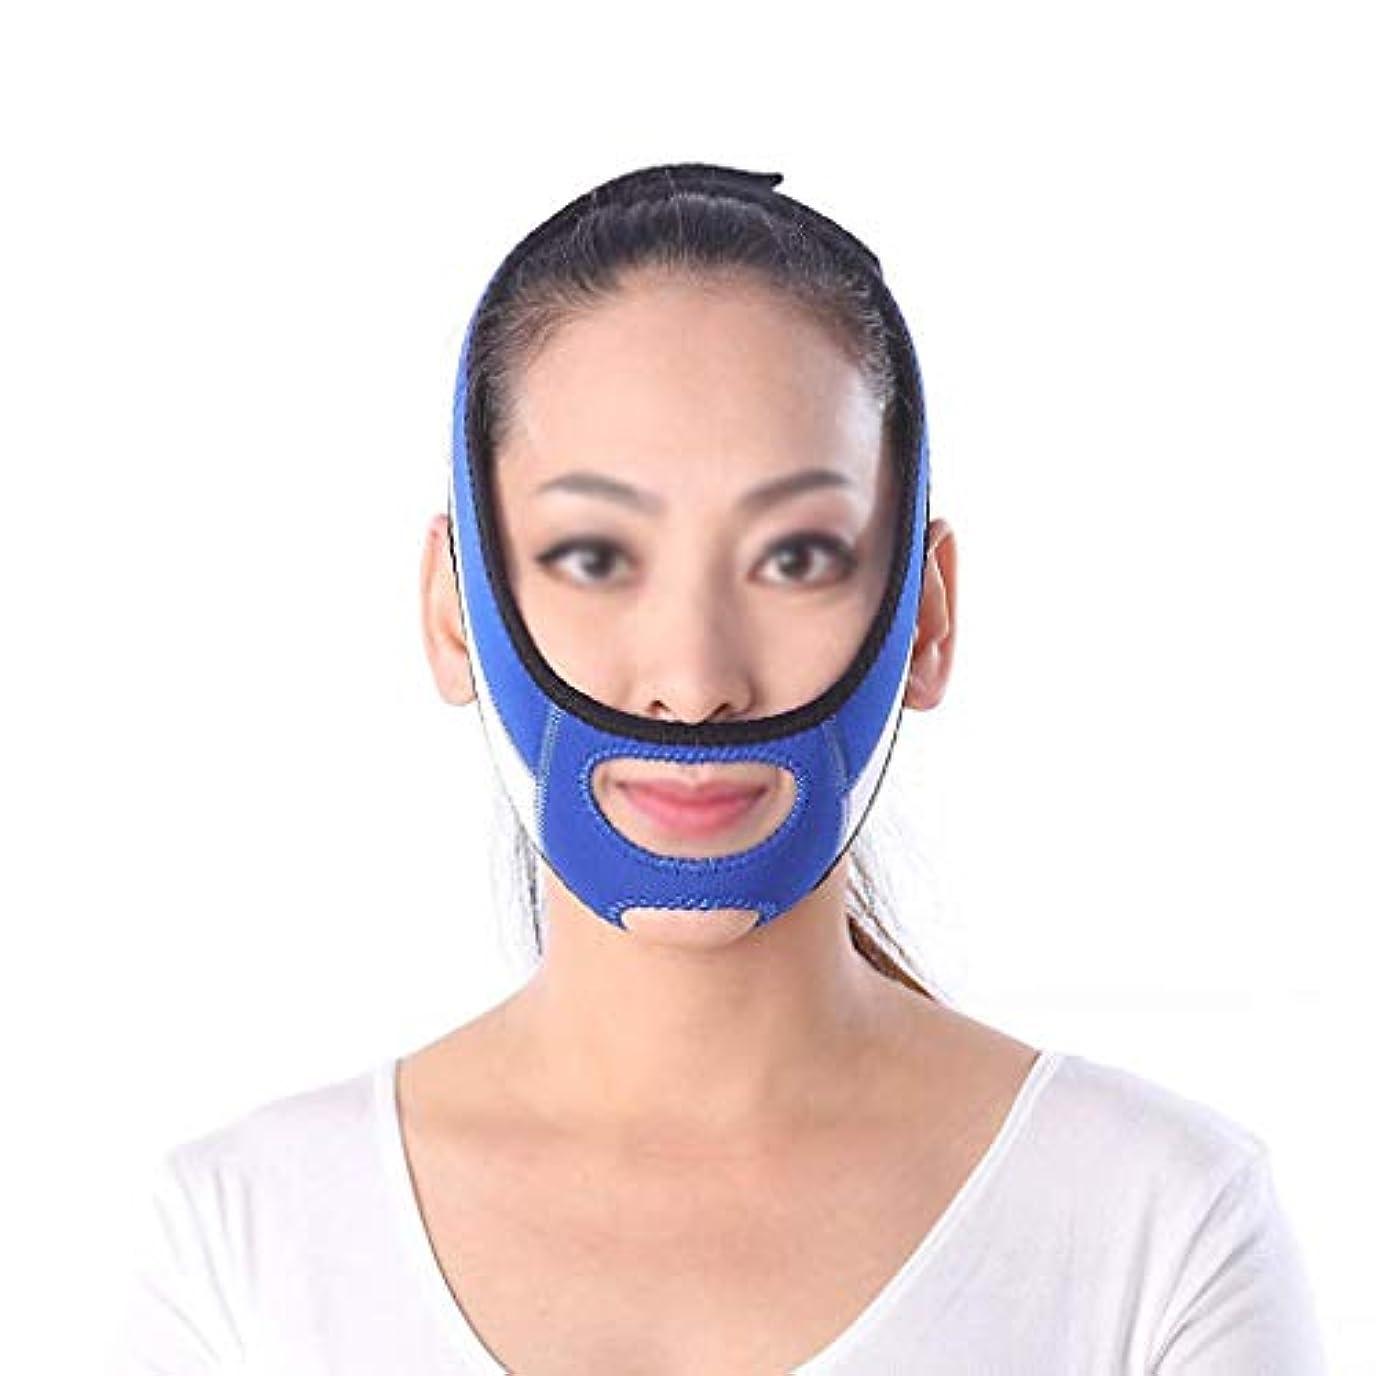 フェイスリフティング包帯、フェイスリフティングマスク、フェイスリフティングアプライアンス、ダブルチンケア減量、フェイシャルリフティングストラップ(フリーサイズ、ブルー)